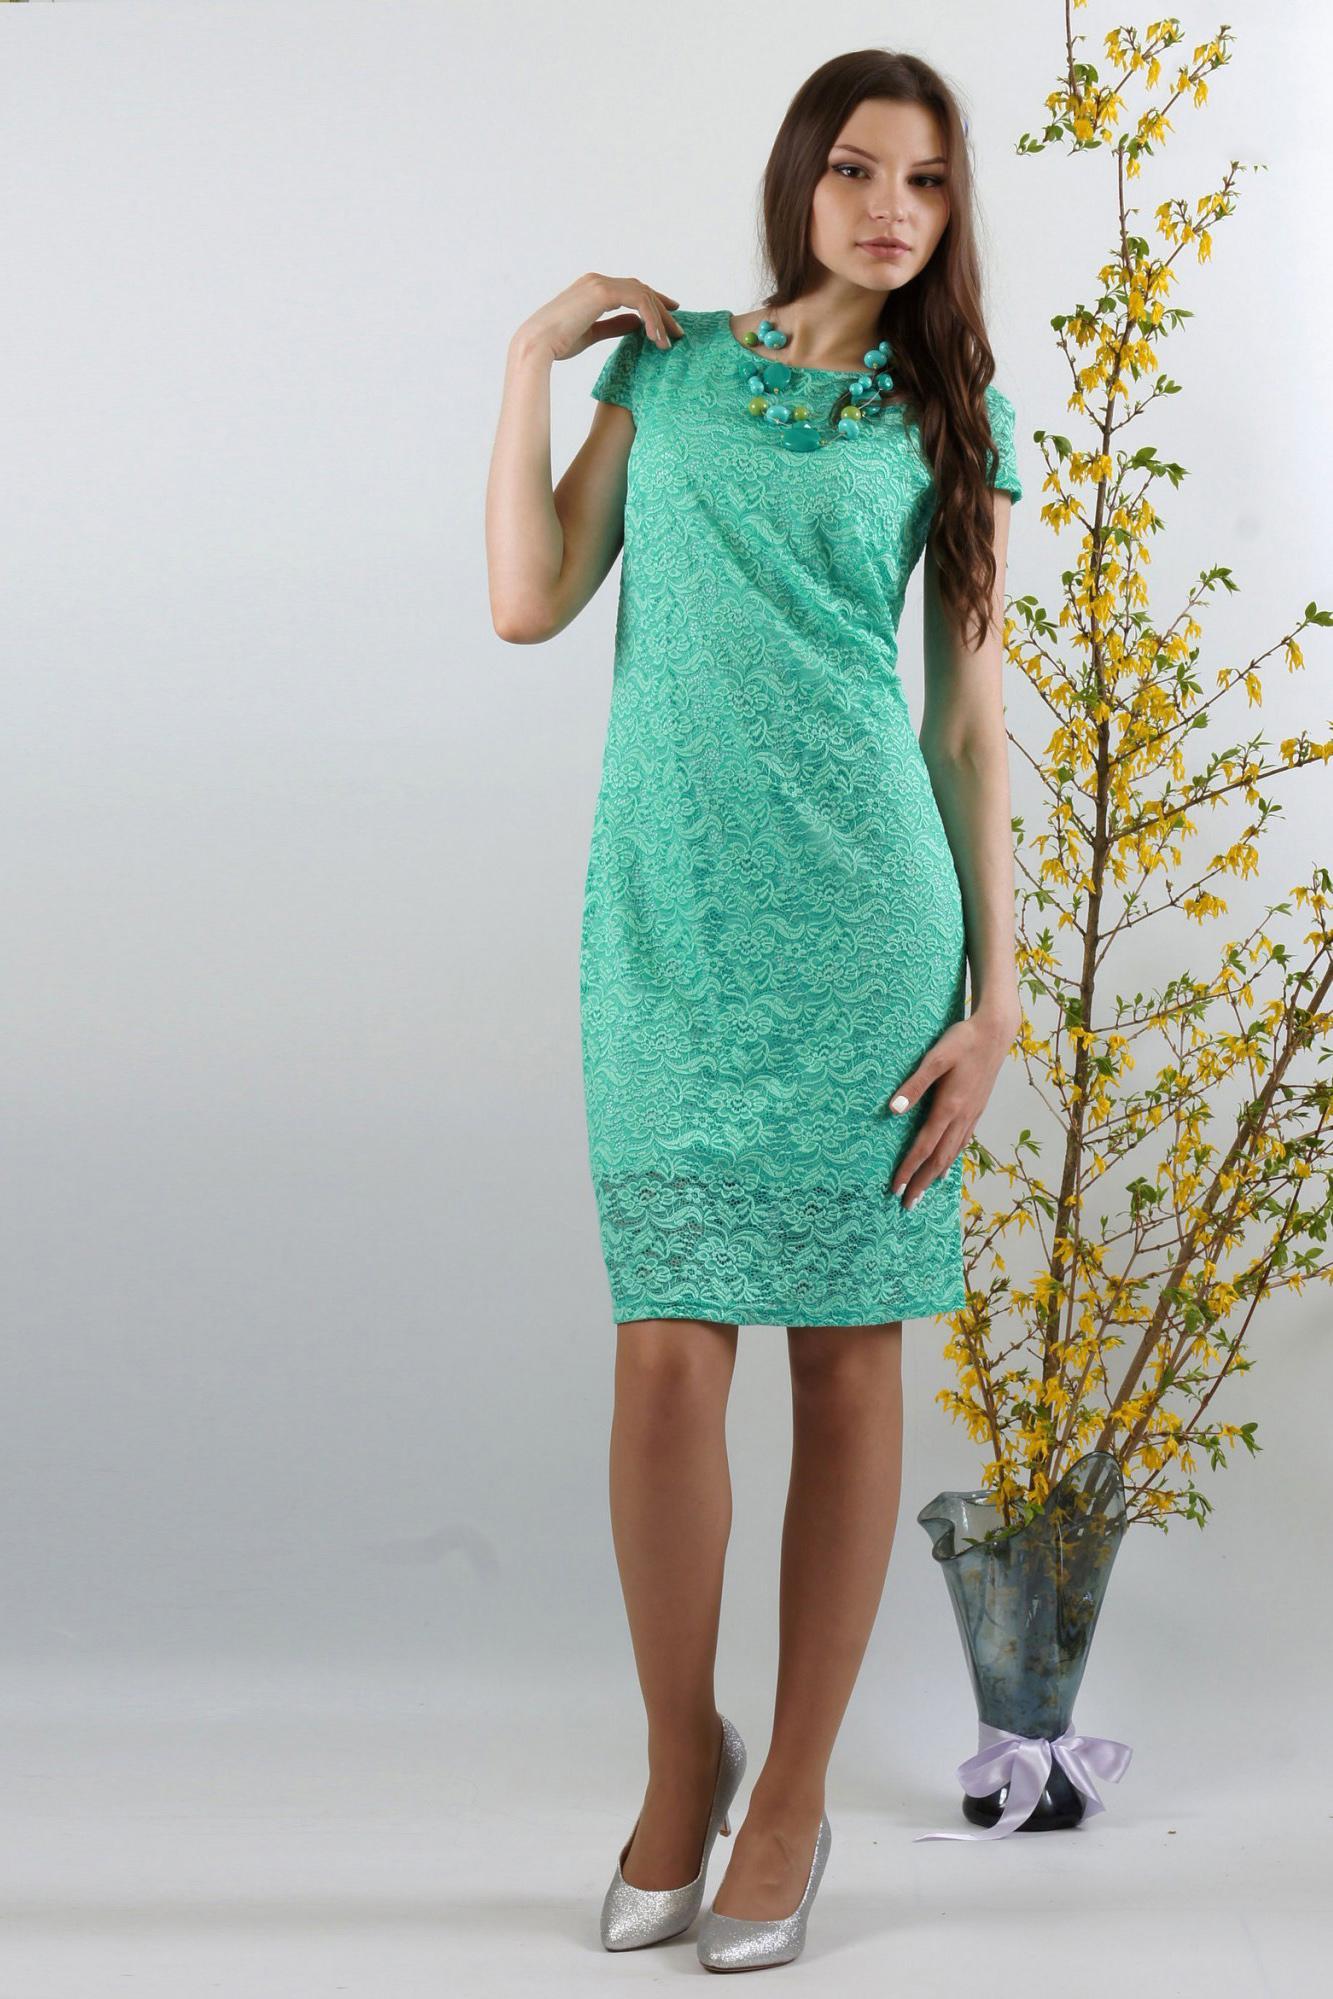 ПлатьеПлатья<br>Женственное платье облегающего покроя из высококачественного эластичного кружева. Эта двухслойная модель  сформирует Ваш силуэт. Красивый цвет добавит изысканности и женственности в Ваш образ. Спереди  нагрудные вытачки из бокового шва. Спинка со средним швом, без отличительных особенностей. Великолепный вырез горловины:  округлый по переду и V-образный по спинке выгодно подчеркнет Вашу шею и грудь. Рукав-крылышко втачной без нижних участков под проймой.   Длина рукава около 9,5 см.  Платье на трикотажной подкладке. Подкладка из масла «кристалл» короче основного платья на 11,0 см.  Длина около 98 см.  Цвет: бирюзовый  Ростовка изделия 170 см.<br><br>Горловина: С- горловина<br>По длине: До колена<br>По материалу: Гипюр,Трикотаж<br>По образу: Свидание<br>По рисунку: Однотонные,Фактурный рисунок<br>По сезону: Весна,Зима,Лето,Осень,Всесезон<br>По силуэту: Приталенные<br>По стилю: Нарядный стиль<br>По форме: Платье - футляр<br>По элементам: С подкладом<br>Рукав: Короткий рукав<br>Размер : 46,48,50,52,54,56<br>Материал: Холодное масло + Гипюр<br>Количество в наличии: 6